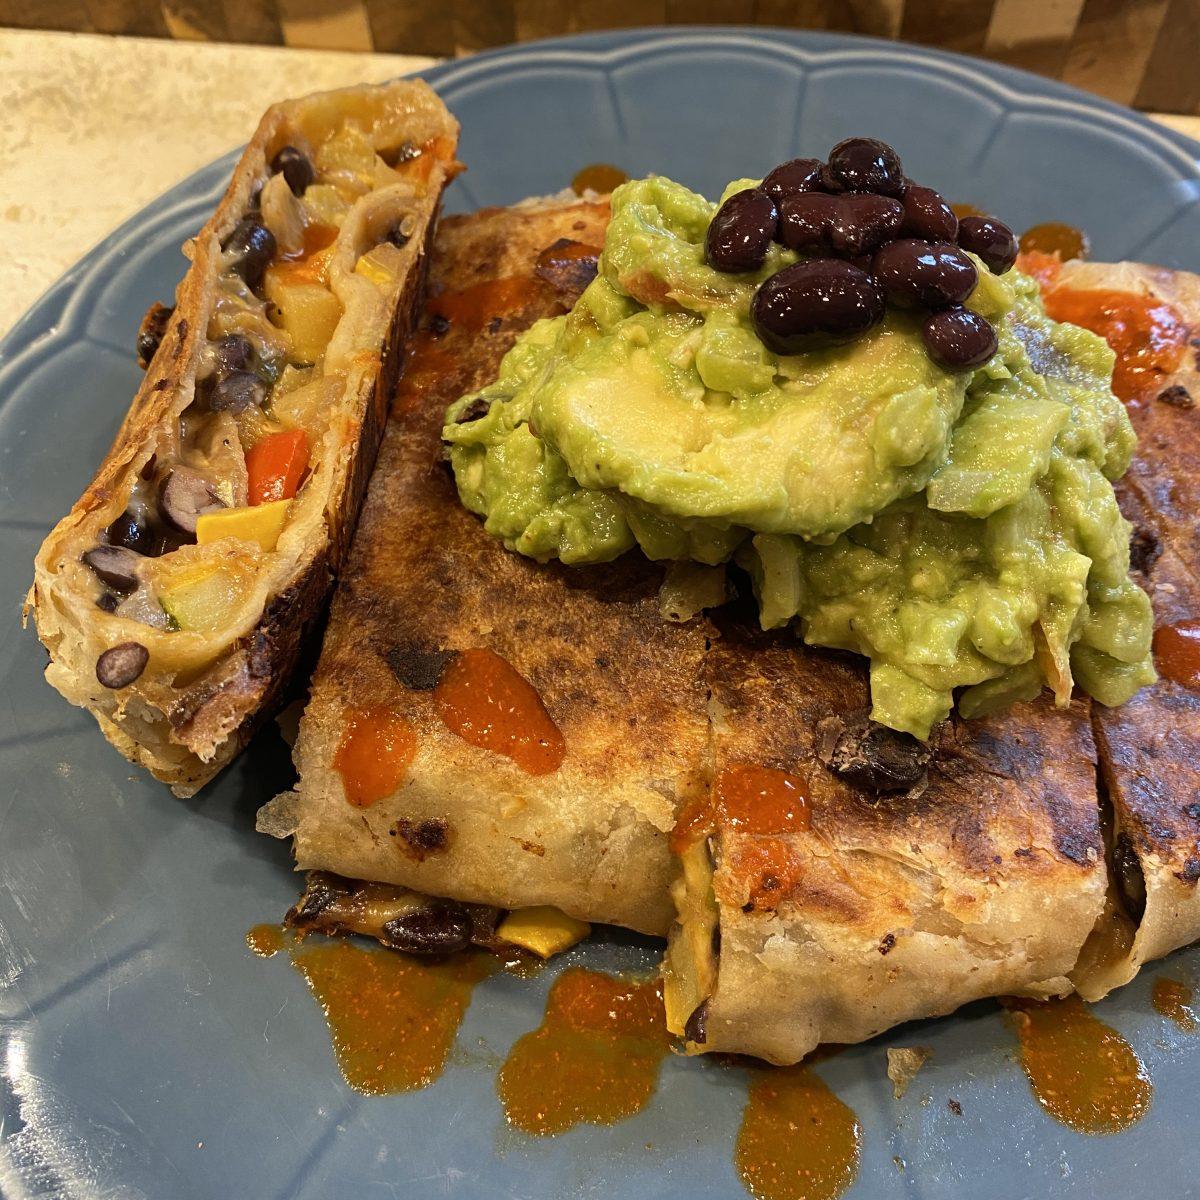 McGeeto's Vegetarian Burritos